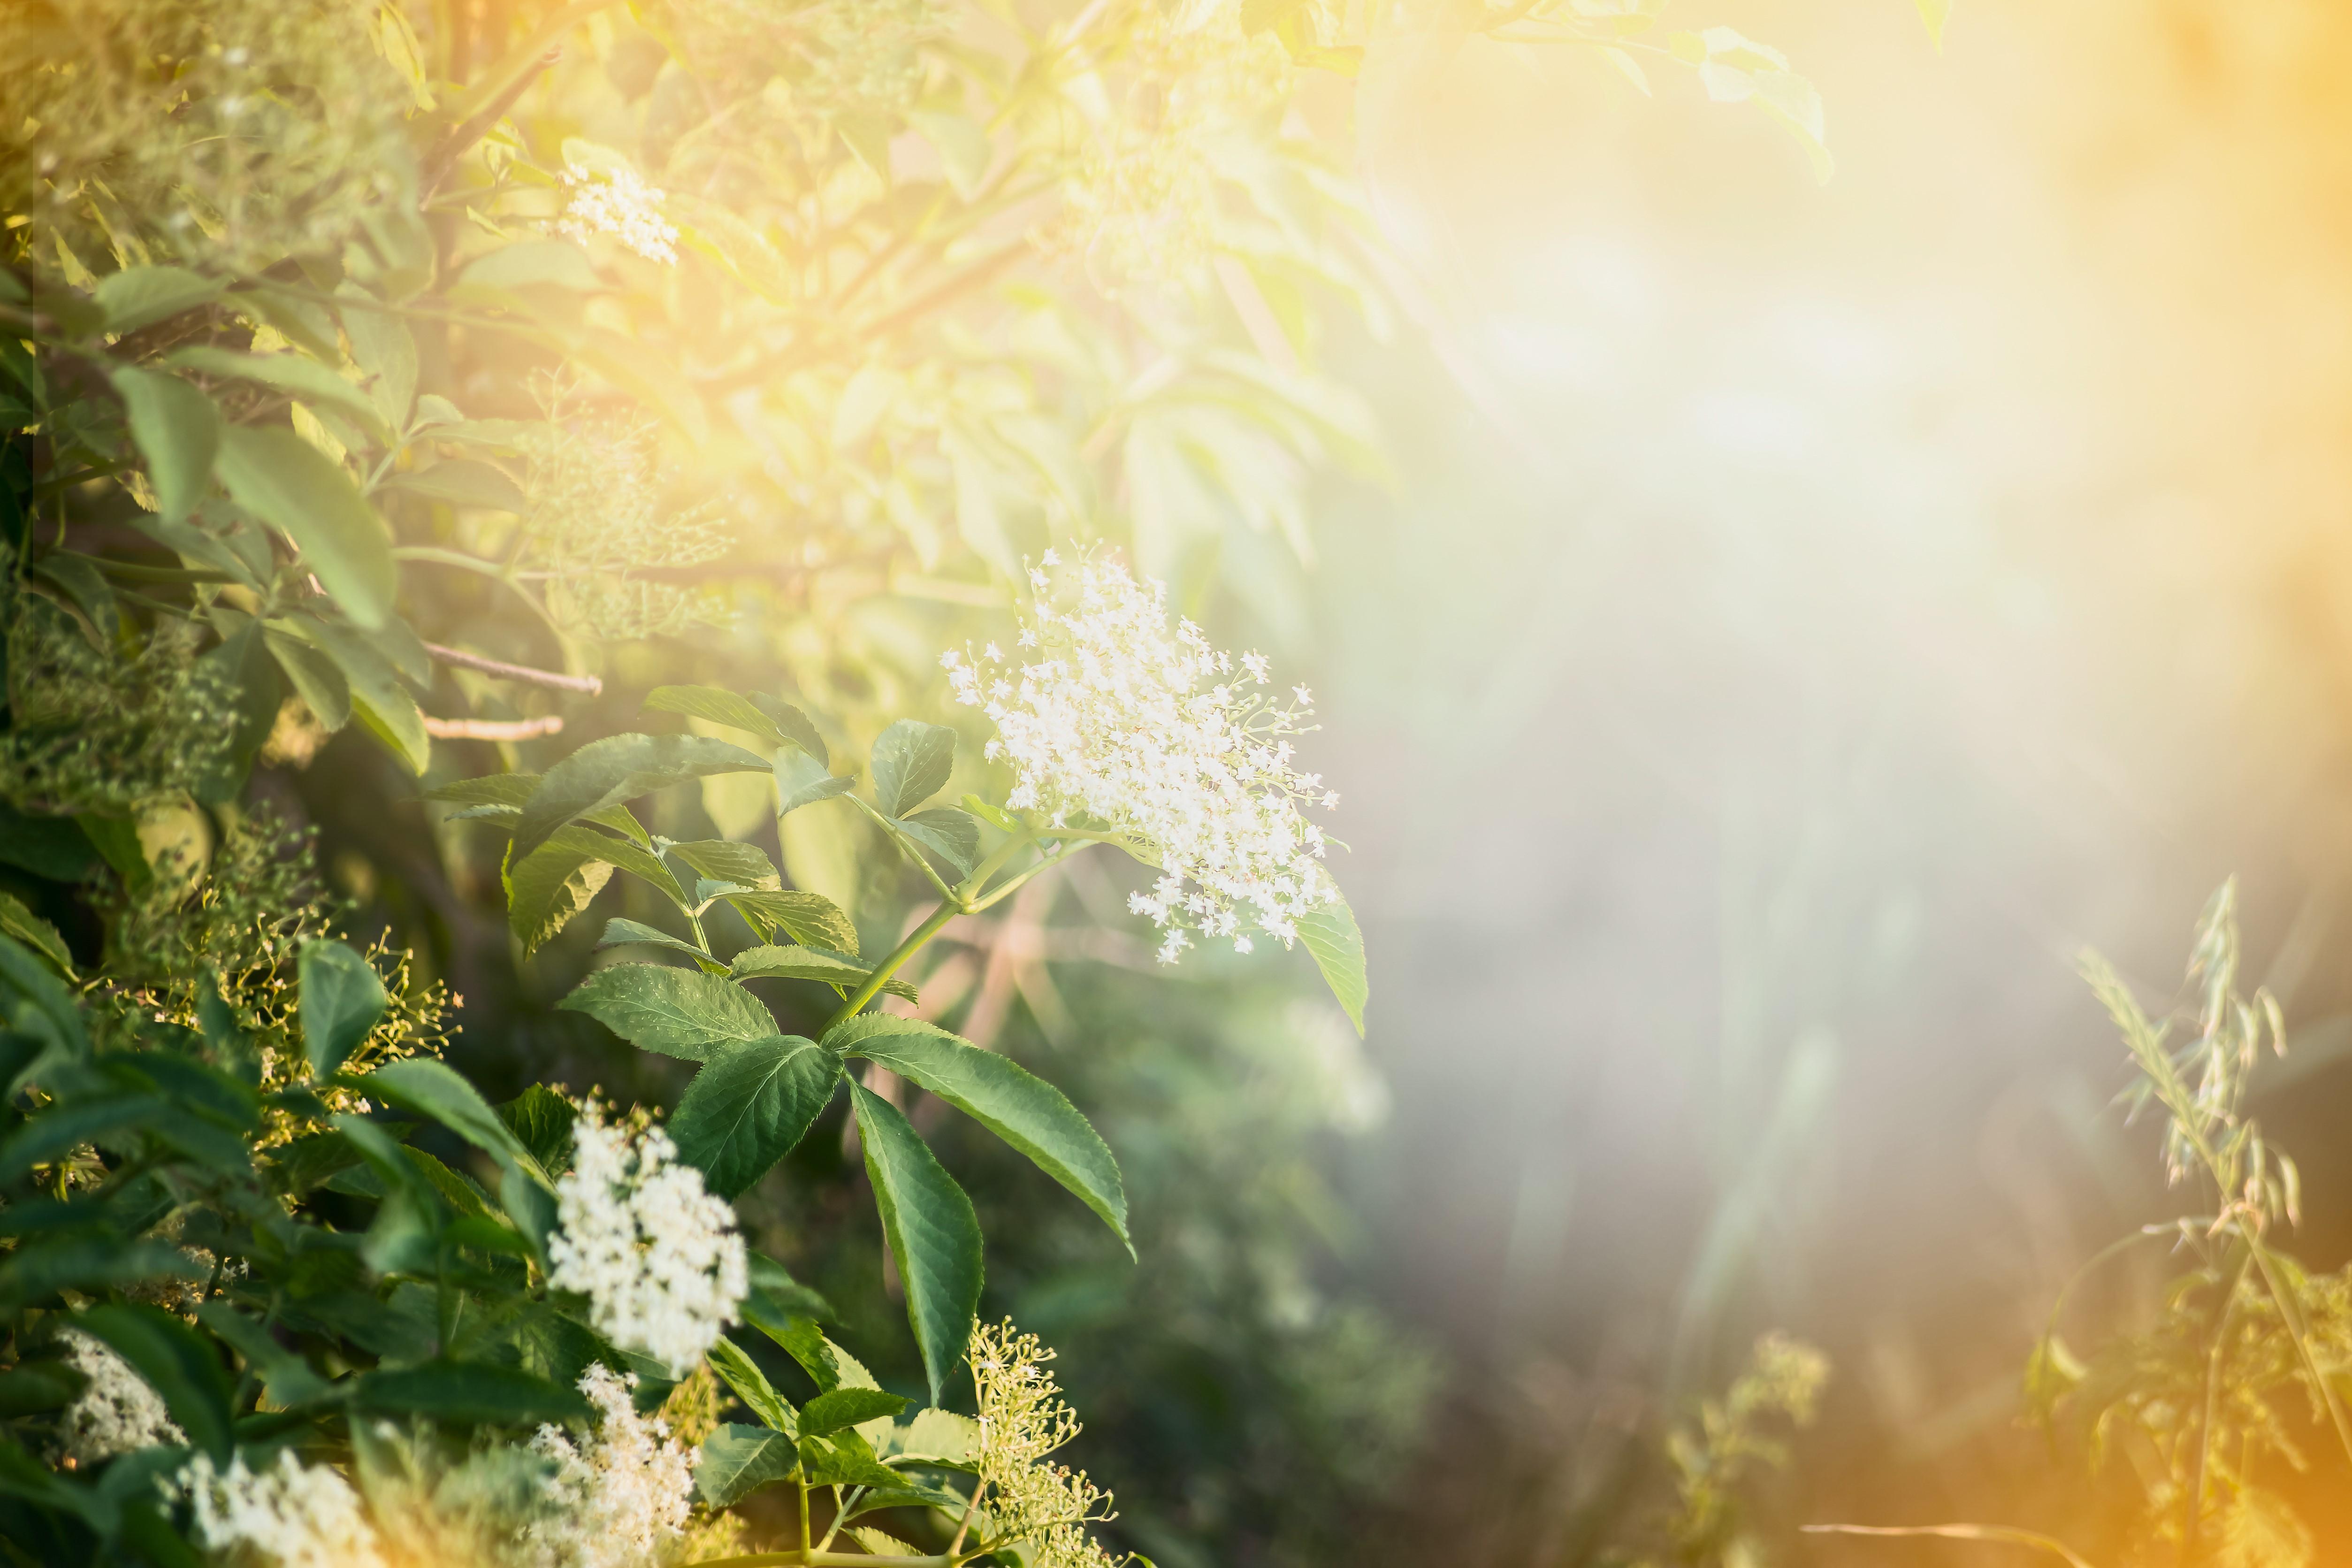 Le sureau contient des polyphénols, des anti-oxydants luttant contre le vieillissement cutané et qui agissent comme protecteur de la peau lorsqu'elle est exposée aux rayons ultra-violets du soleil. Les vitamines A et C,  ont une action anti-inflammatoire et une action contre les rougeurs causées par la couperose, rosacée et eczéma.